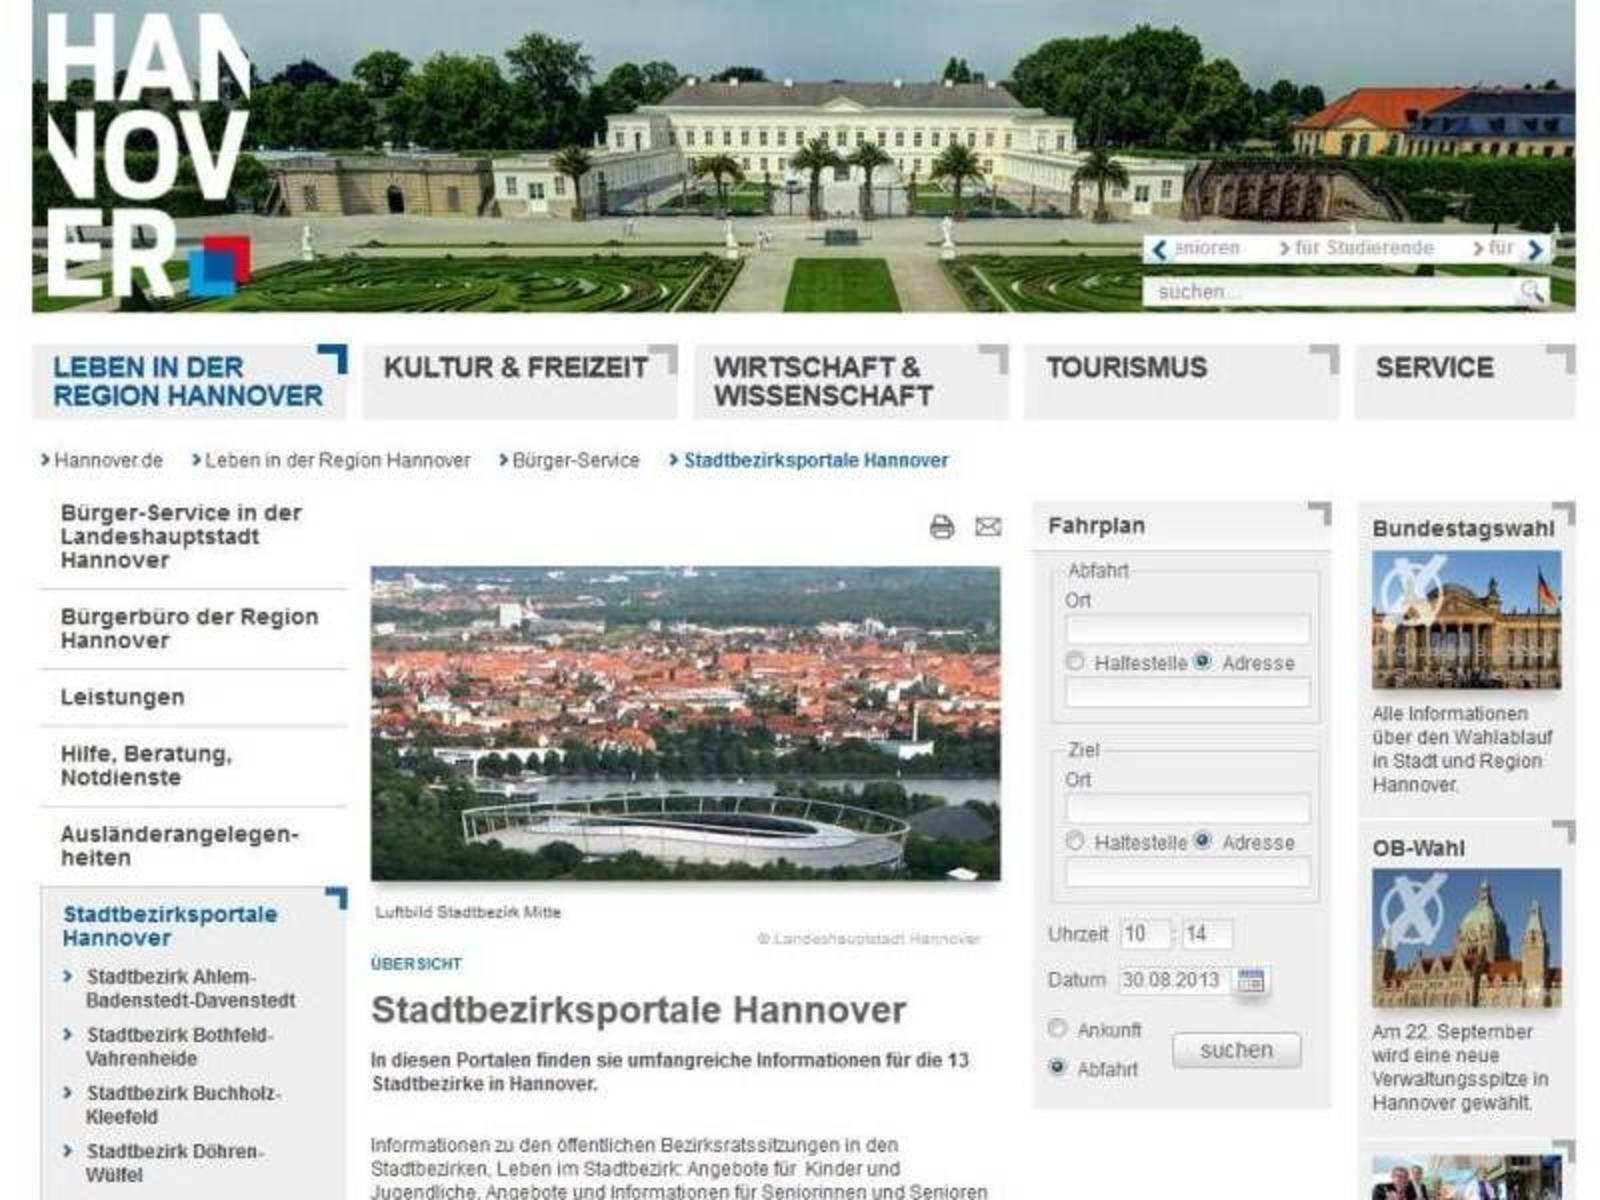 Startseite des Stadtbezirksportals auf Hannover.de